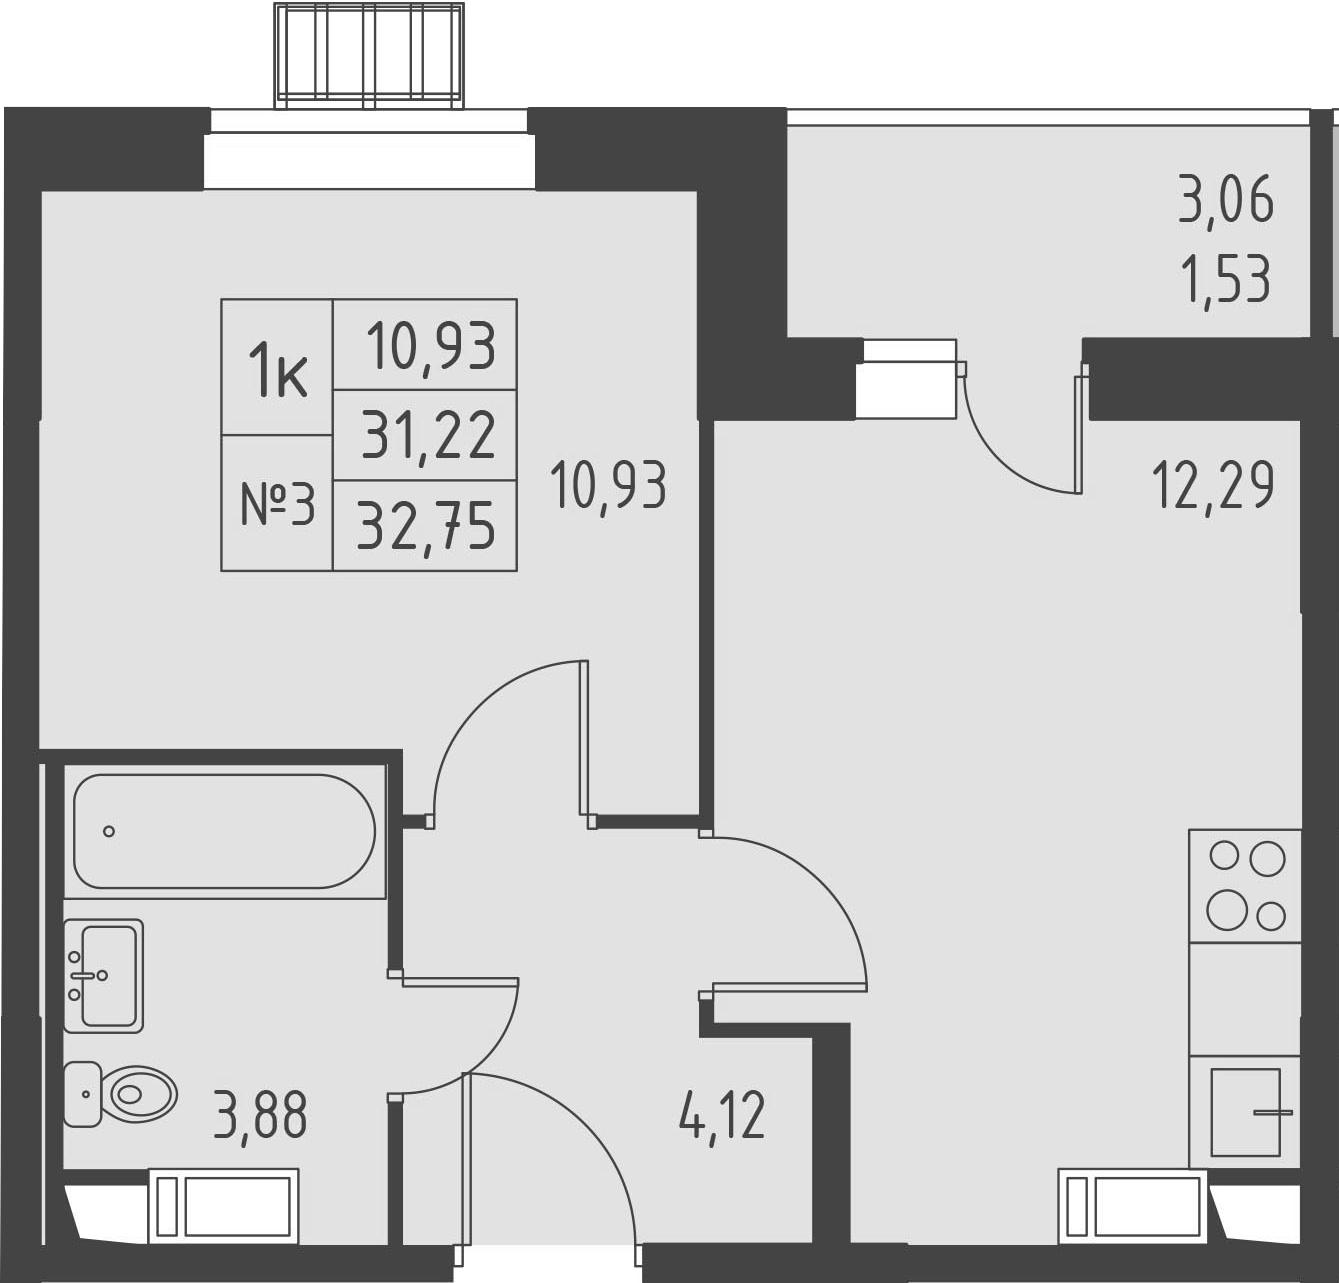 1-к.кв, 32.75 м², 13 этаж